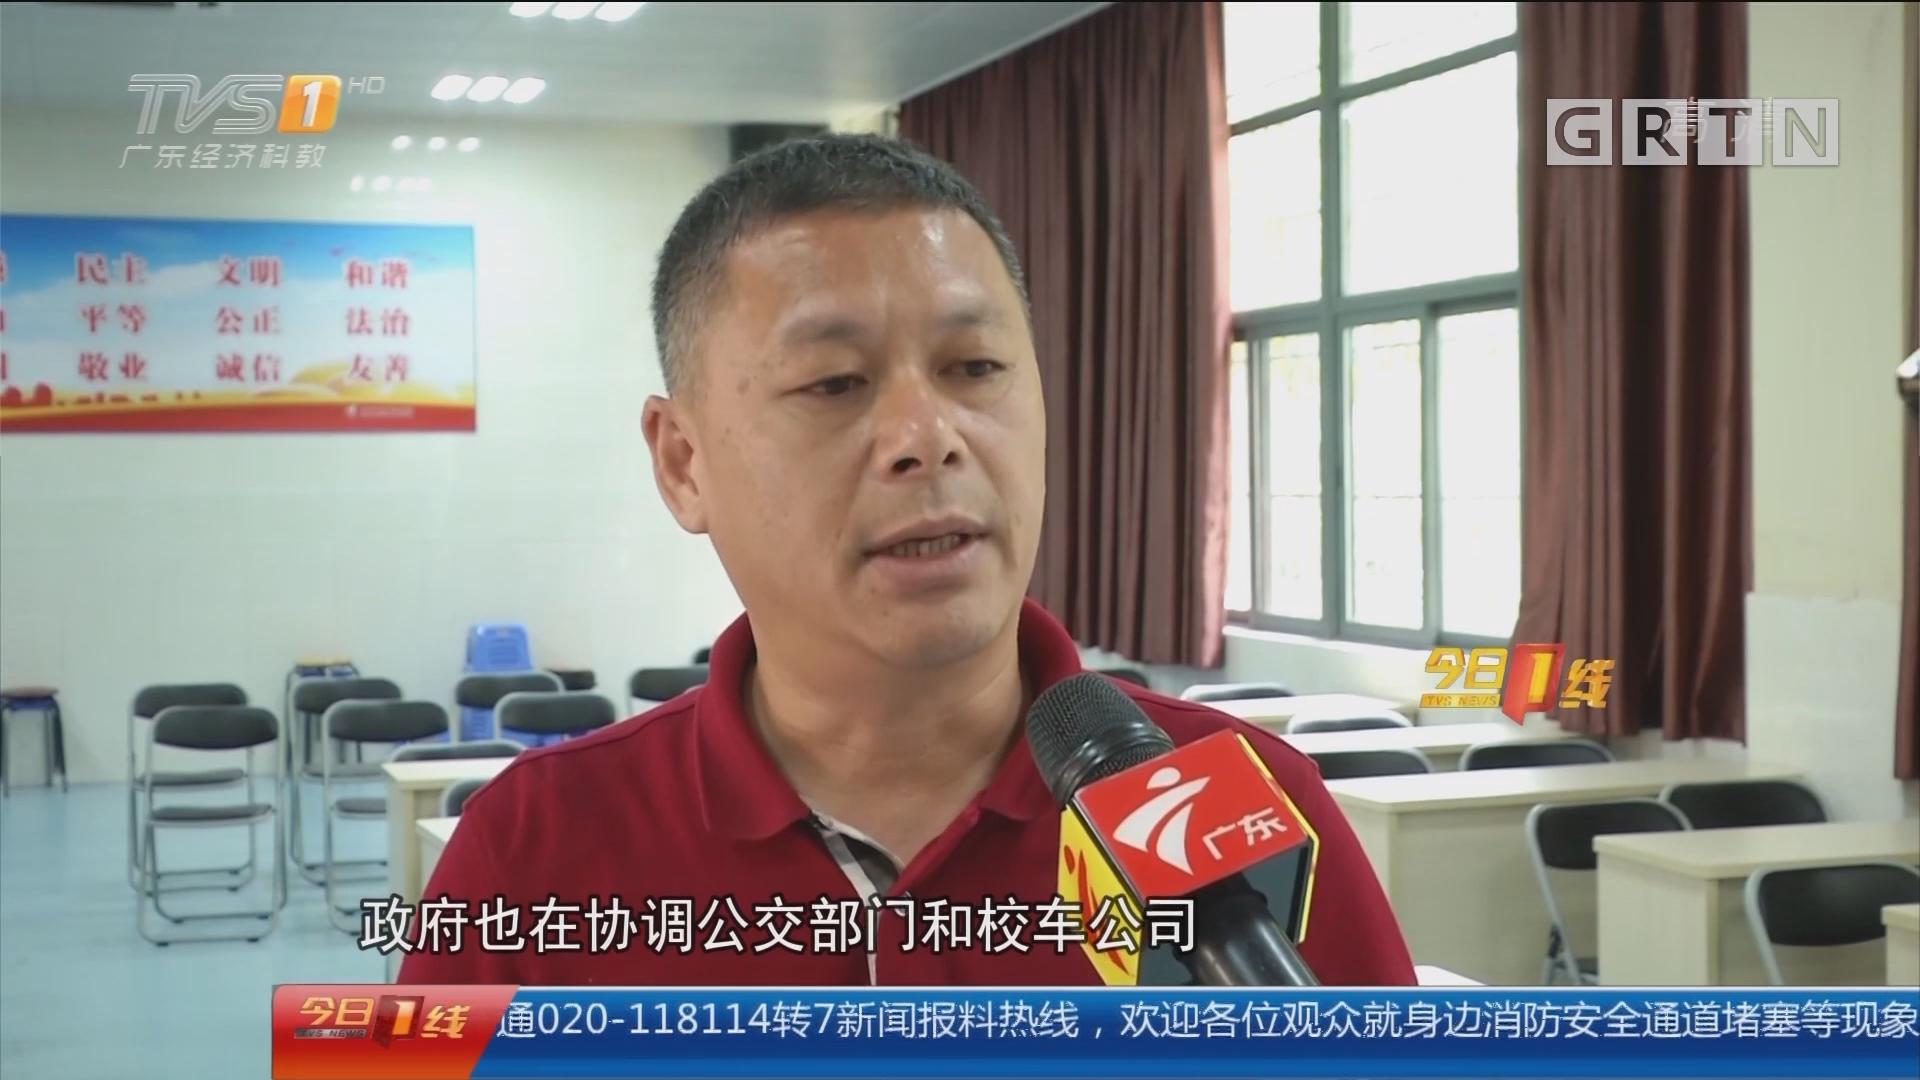 深圳:学校减招 买好学位房却不能就近入学